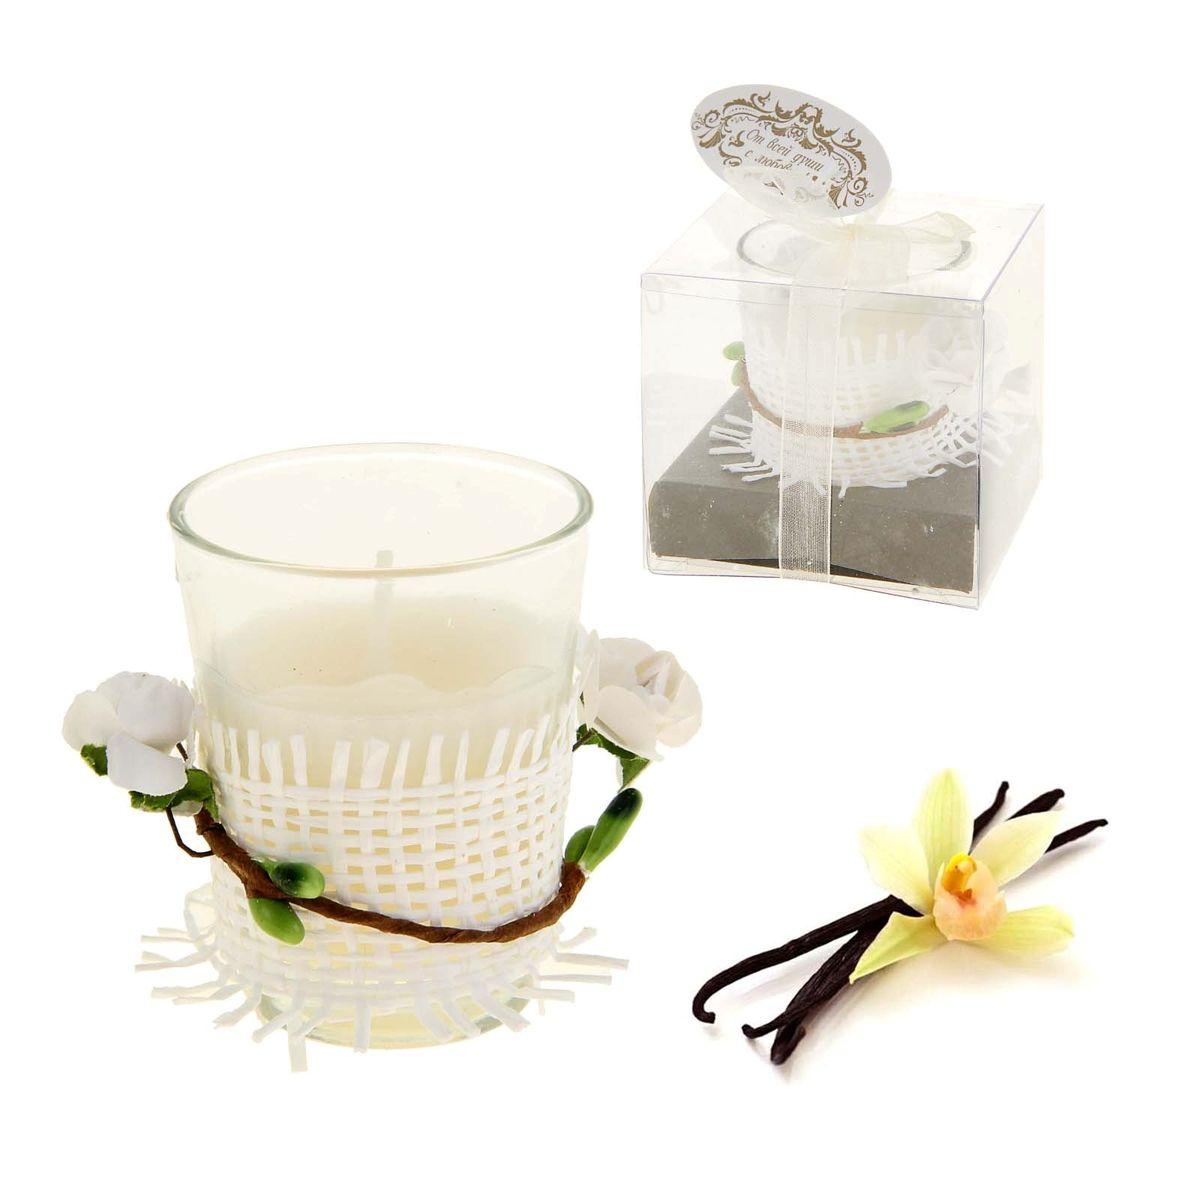 Свеча ароматизированная Sima-land Влечение. Ваниль, высота 6 смU210DFАроматизированная свеча в стеклянном стакане Sima-land Влечение. Ваниль выполнена из высококачественного цветного воска. Стакан украшен декоративными бумажными цветами.Изделие отличается оригинальным дизайном и приятным ароматом ванили.Такая свеча может стать отличным подарком или дополнить интерьер вашей комнаты.